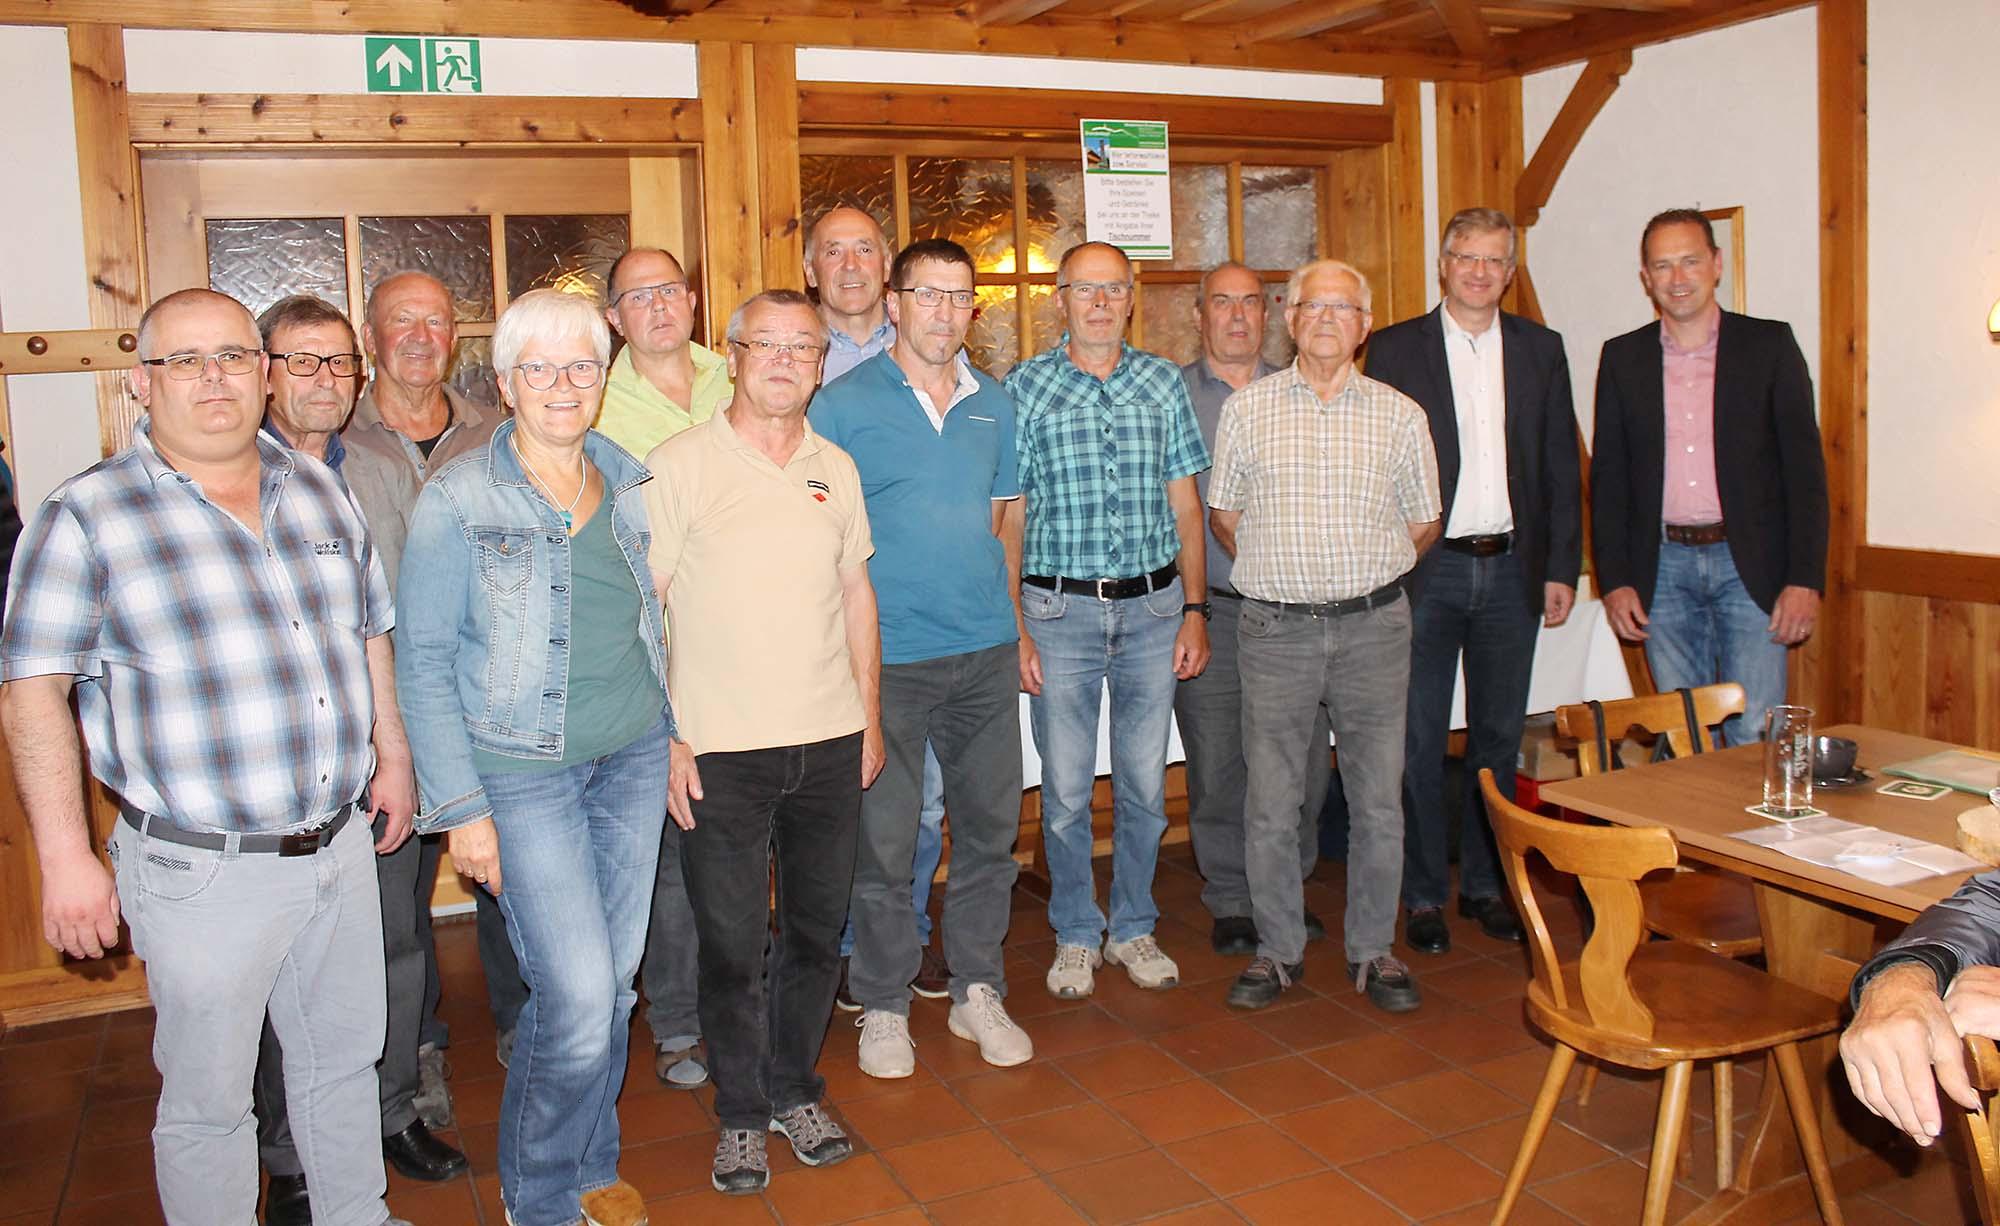 2021-9-15-OH-Franz Huber- SWV Oberharmersbach Mitgliederversammlung Bild1